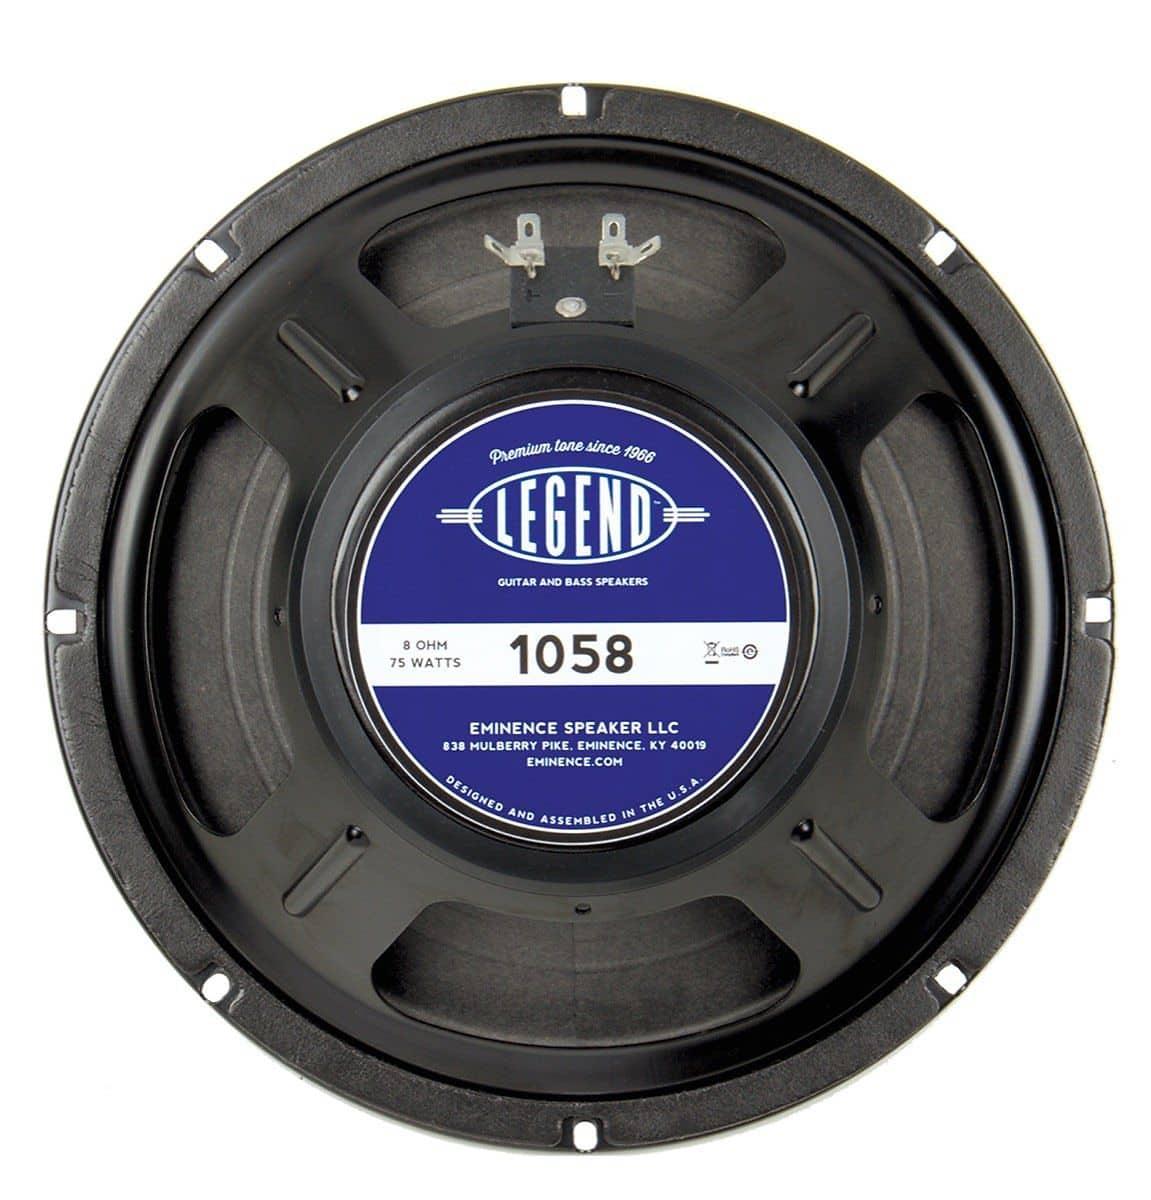 eminence legend 105 guitar speaker 10 inch 75 watts 8 reverb. Black Bedroom Furniture Sets. Home Design Ideas